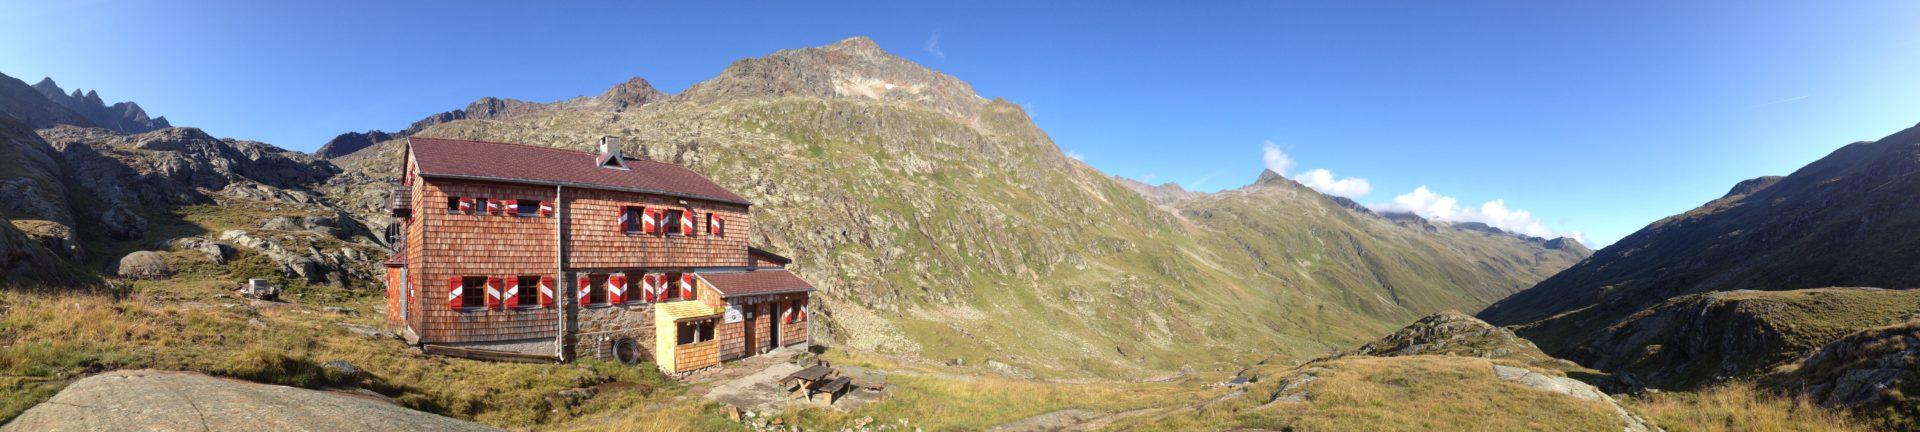 Elberfelder Hütte im Nationalpark Hohe Tauern